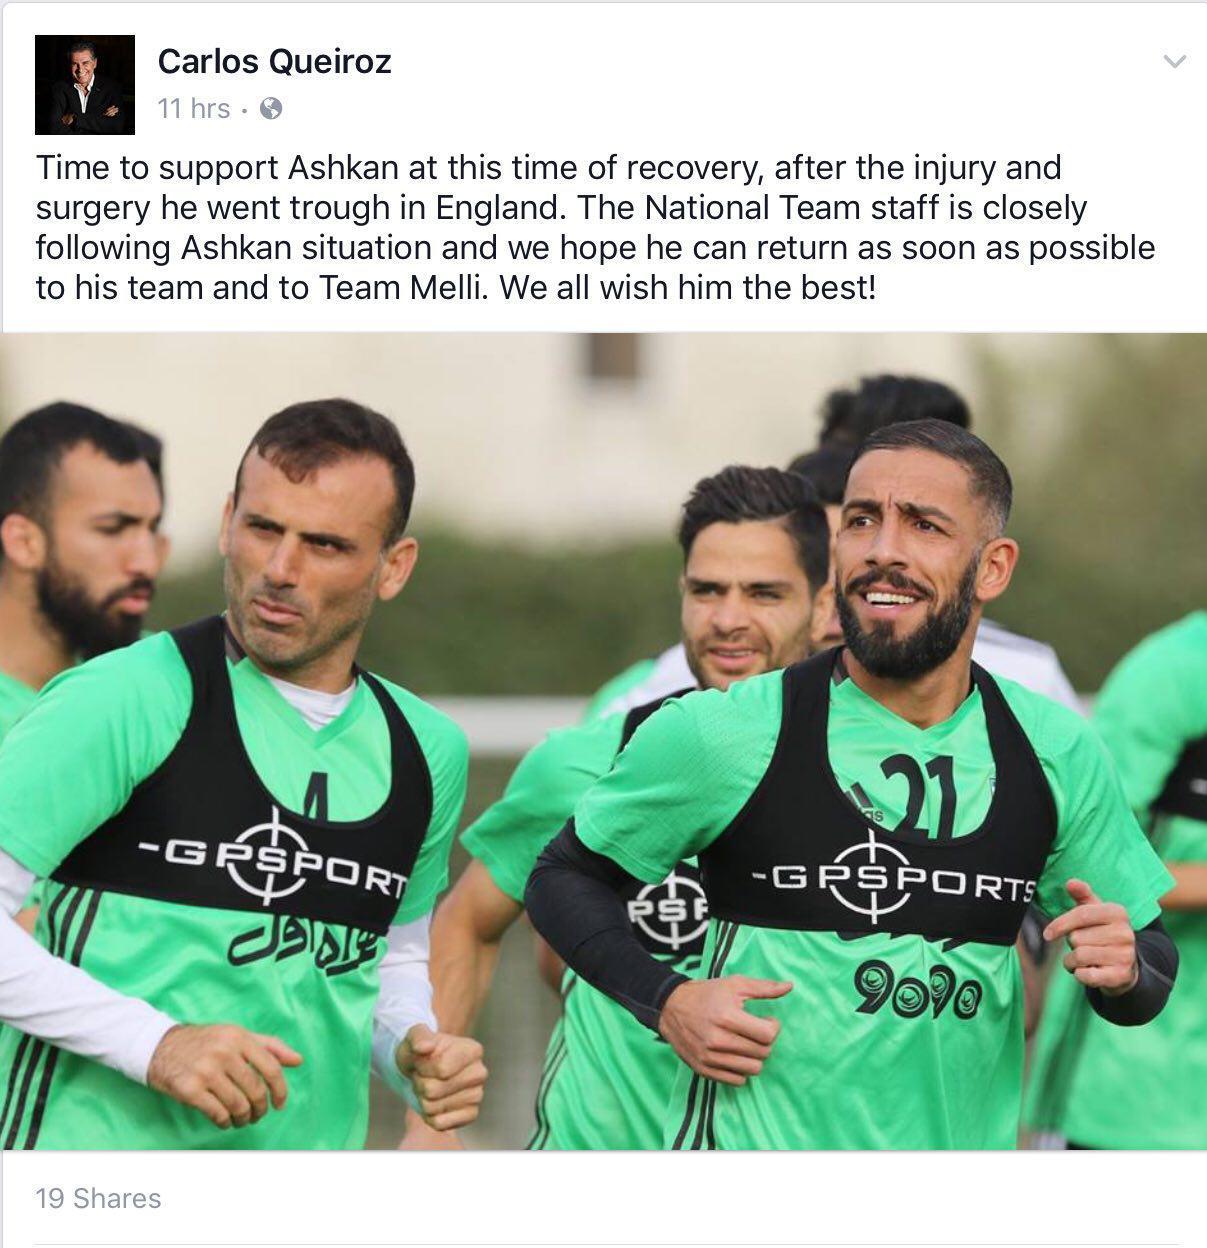 خبر تلخی که کیروش لحظاتی پیش درباره ستاره تیم ملی اعلام کرد+عکس